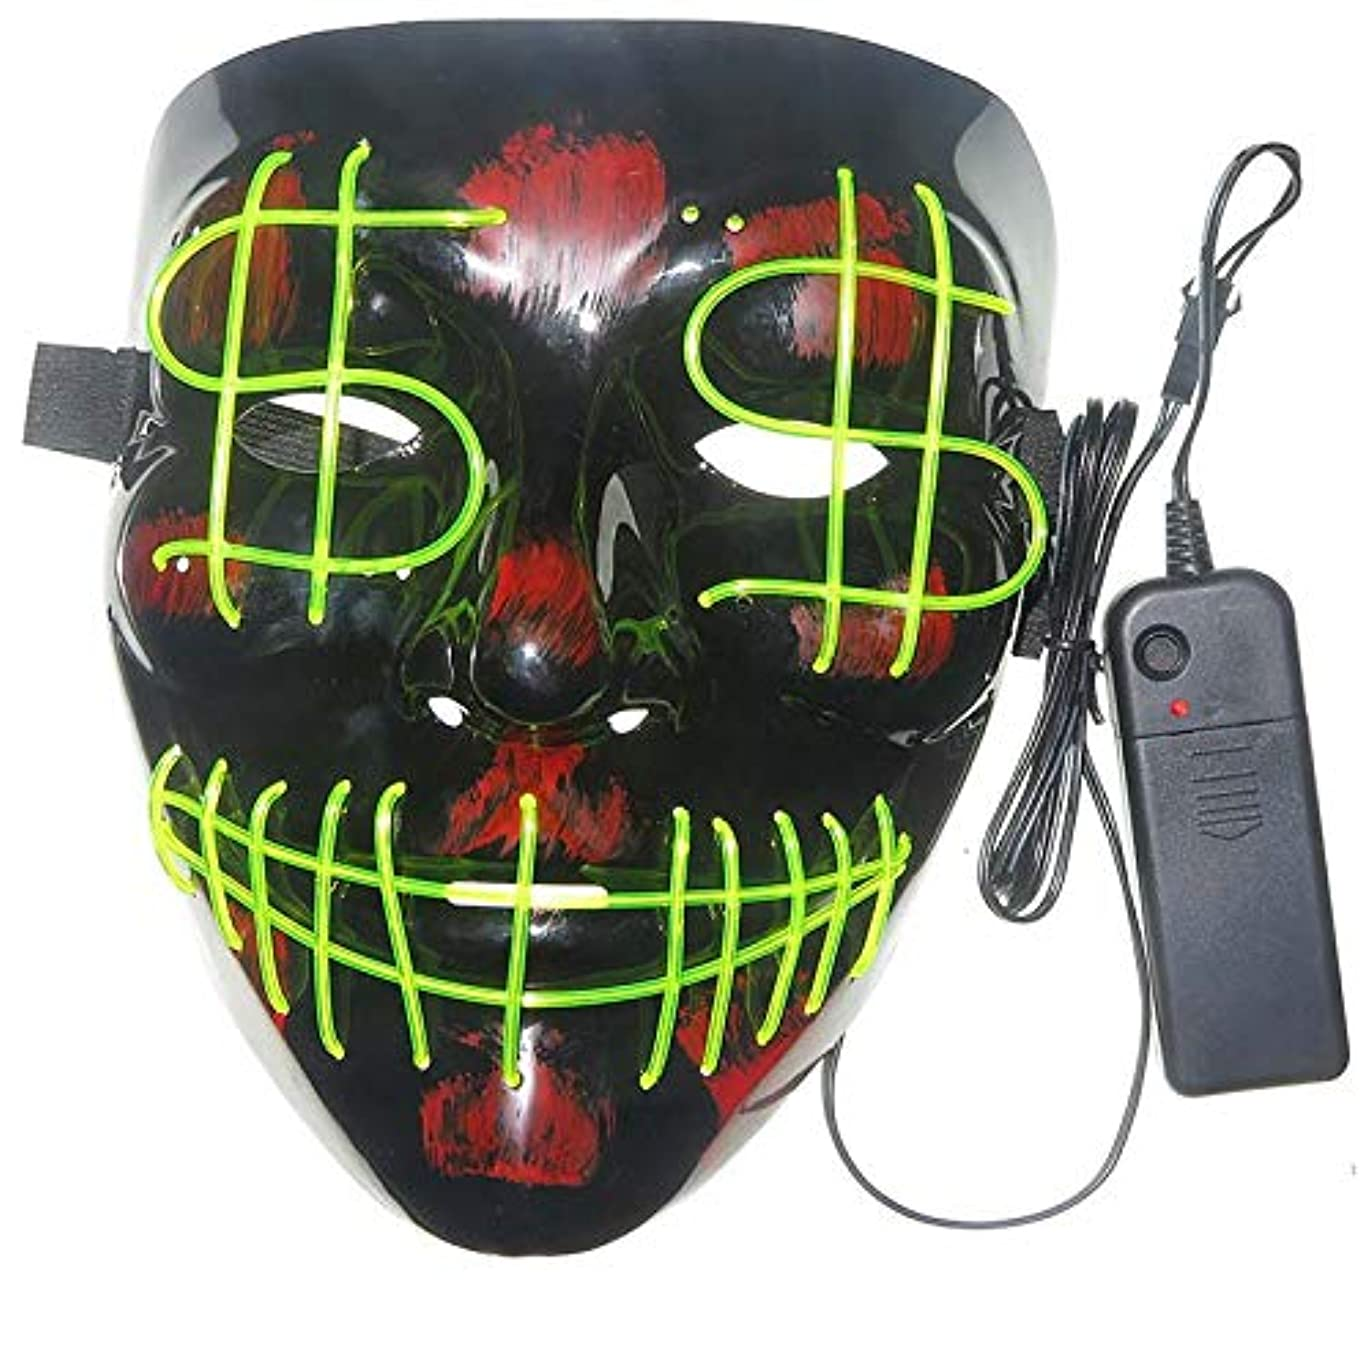 市長チャンピオン叱るハロウィーンの怖いマスクコスプレ-コスチュームマスクライトフェスティバルパーティー用LEDマスク